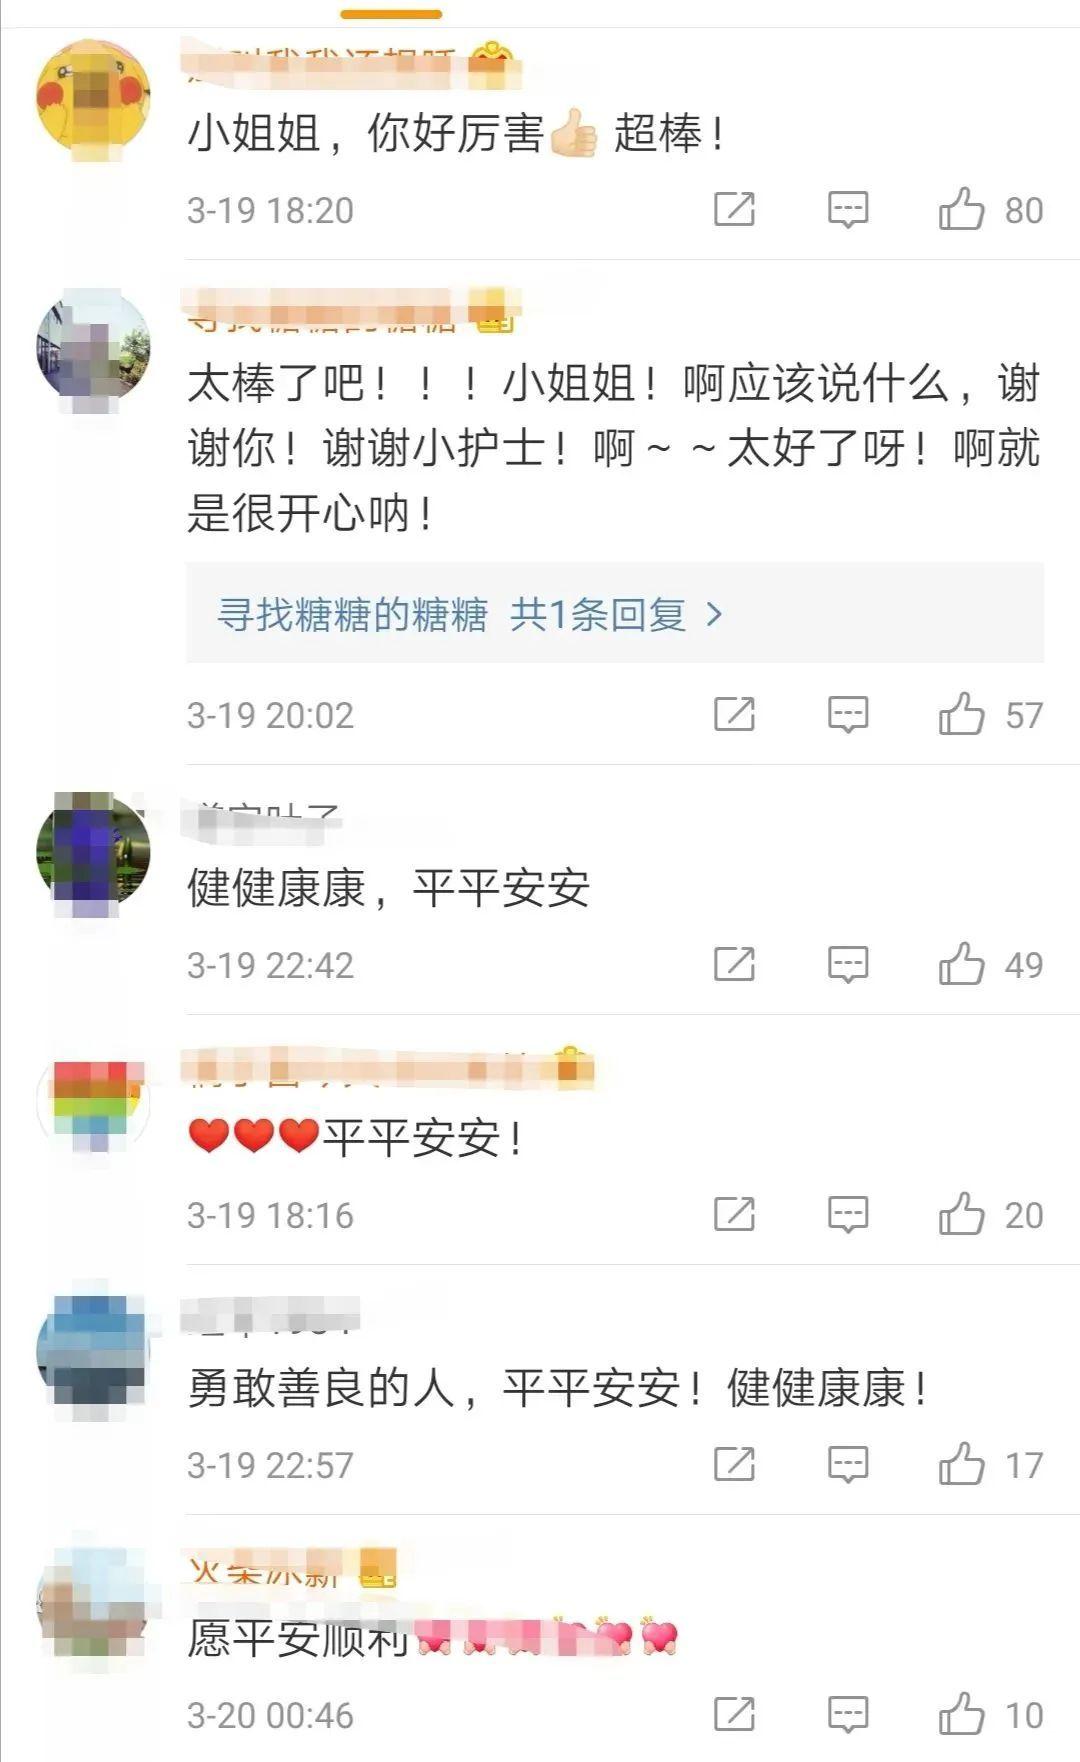 中国新冠疫苗开始人体注射实验:首批志愿者已注射!